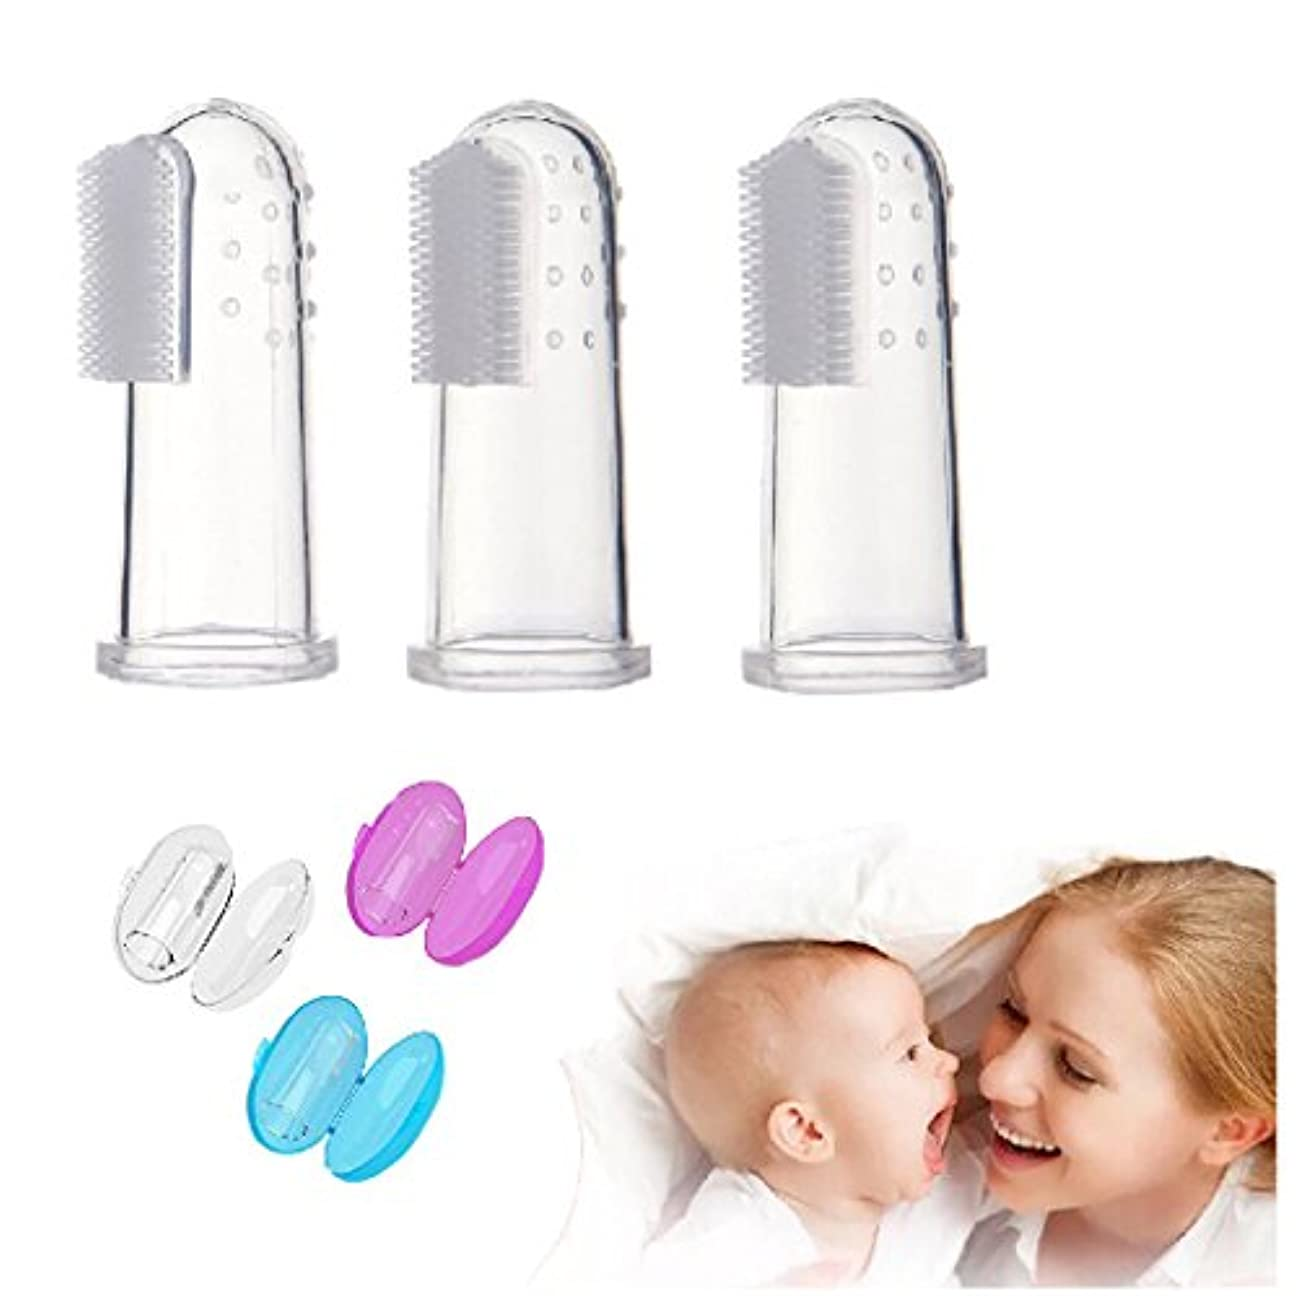 コジオスコキャリッジ有罪赤ちゃんの指の歯ブラシ3セット食品グレードシリコーン指歯ブラシケース付き歯ブラシティーザーとオーラルマッサージャー用赤ちゃん&幼児